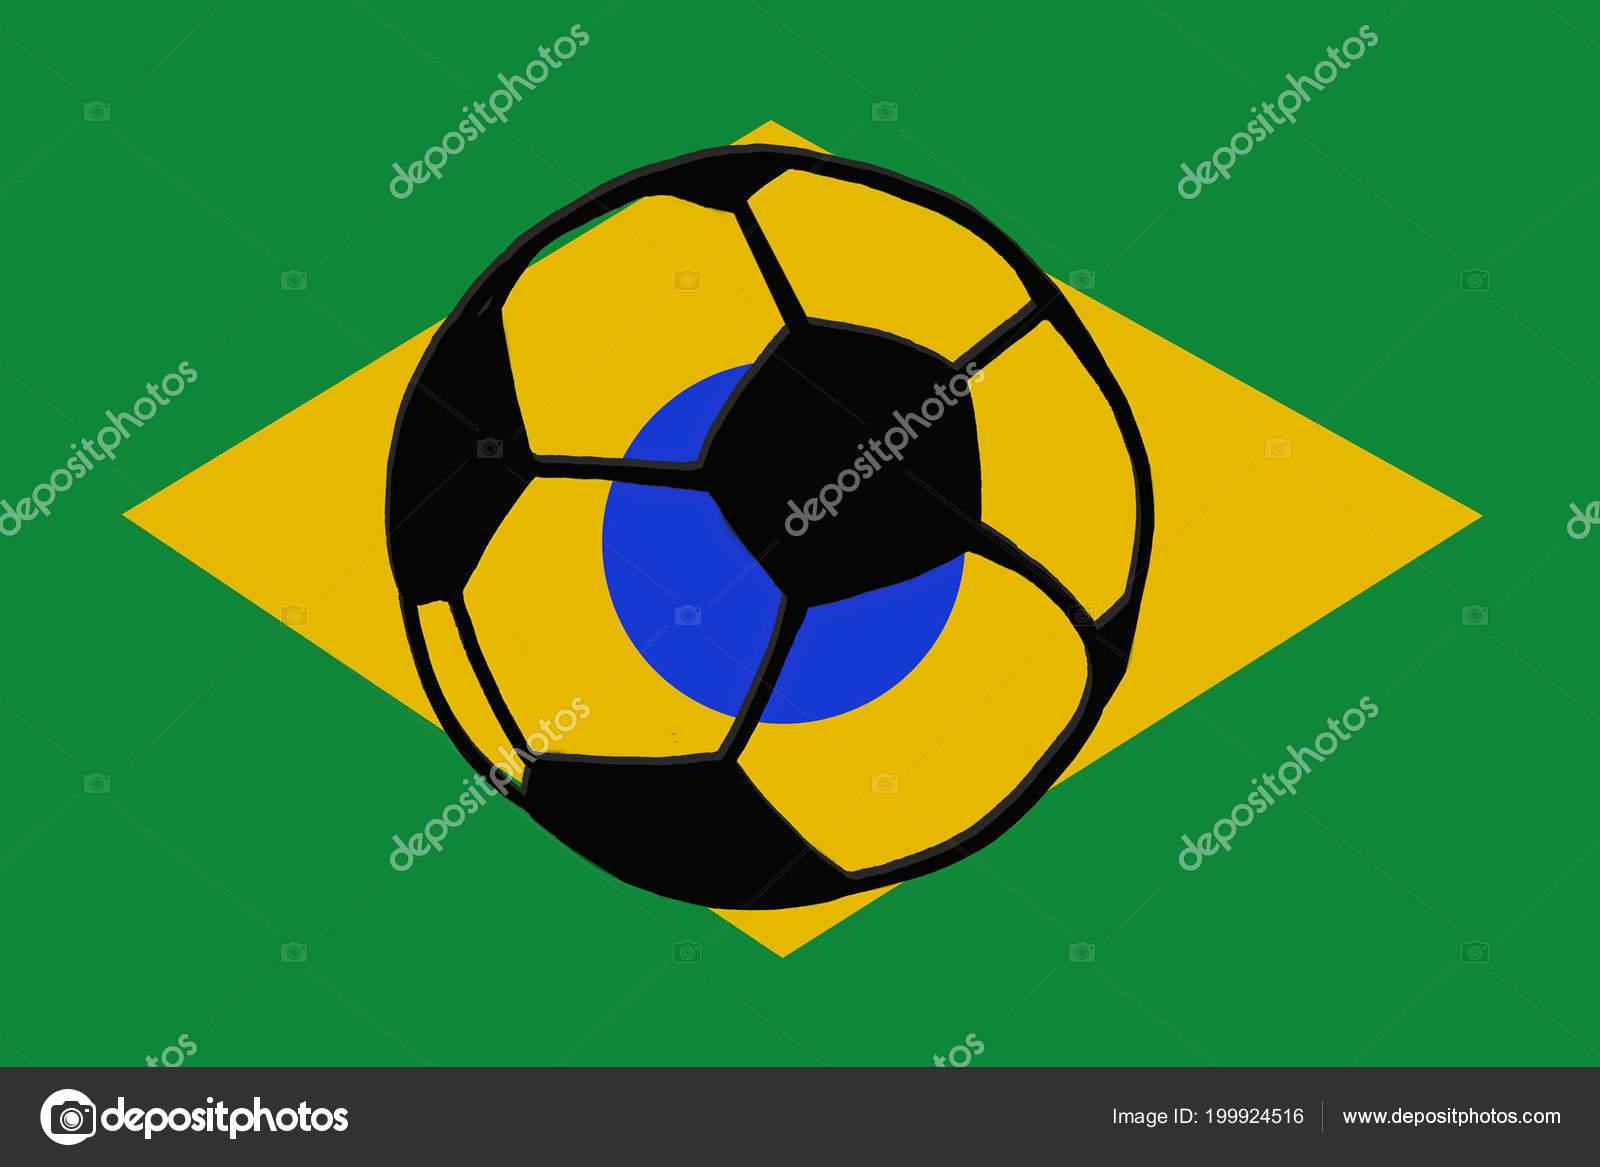 Fussball Ball Und Brasilien Flagge Hand Gezeichnete Einfache